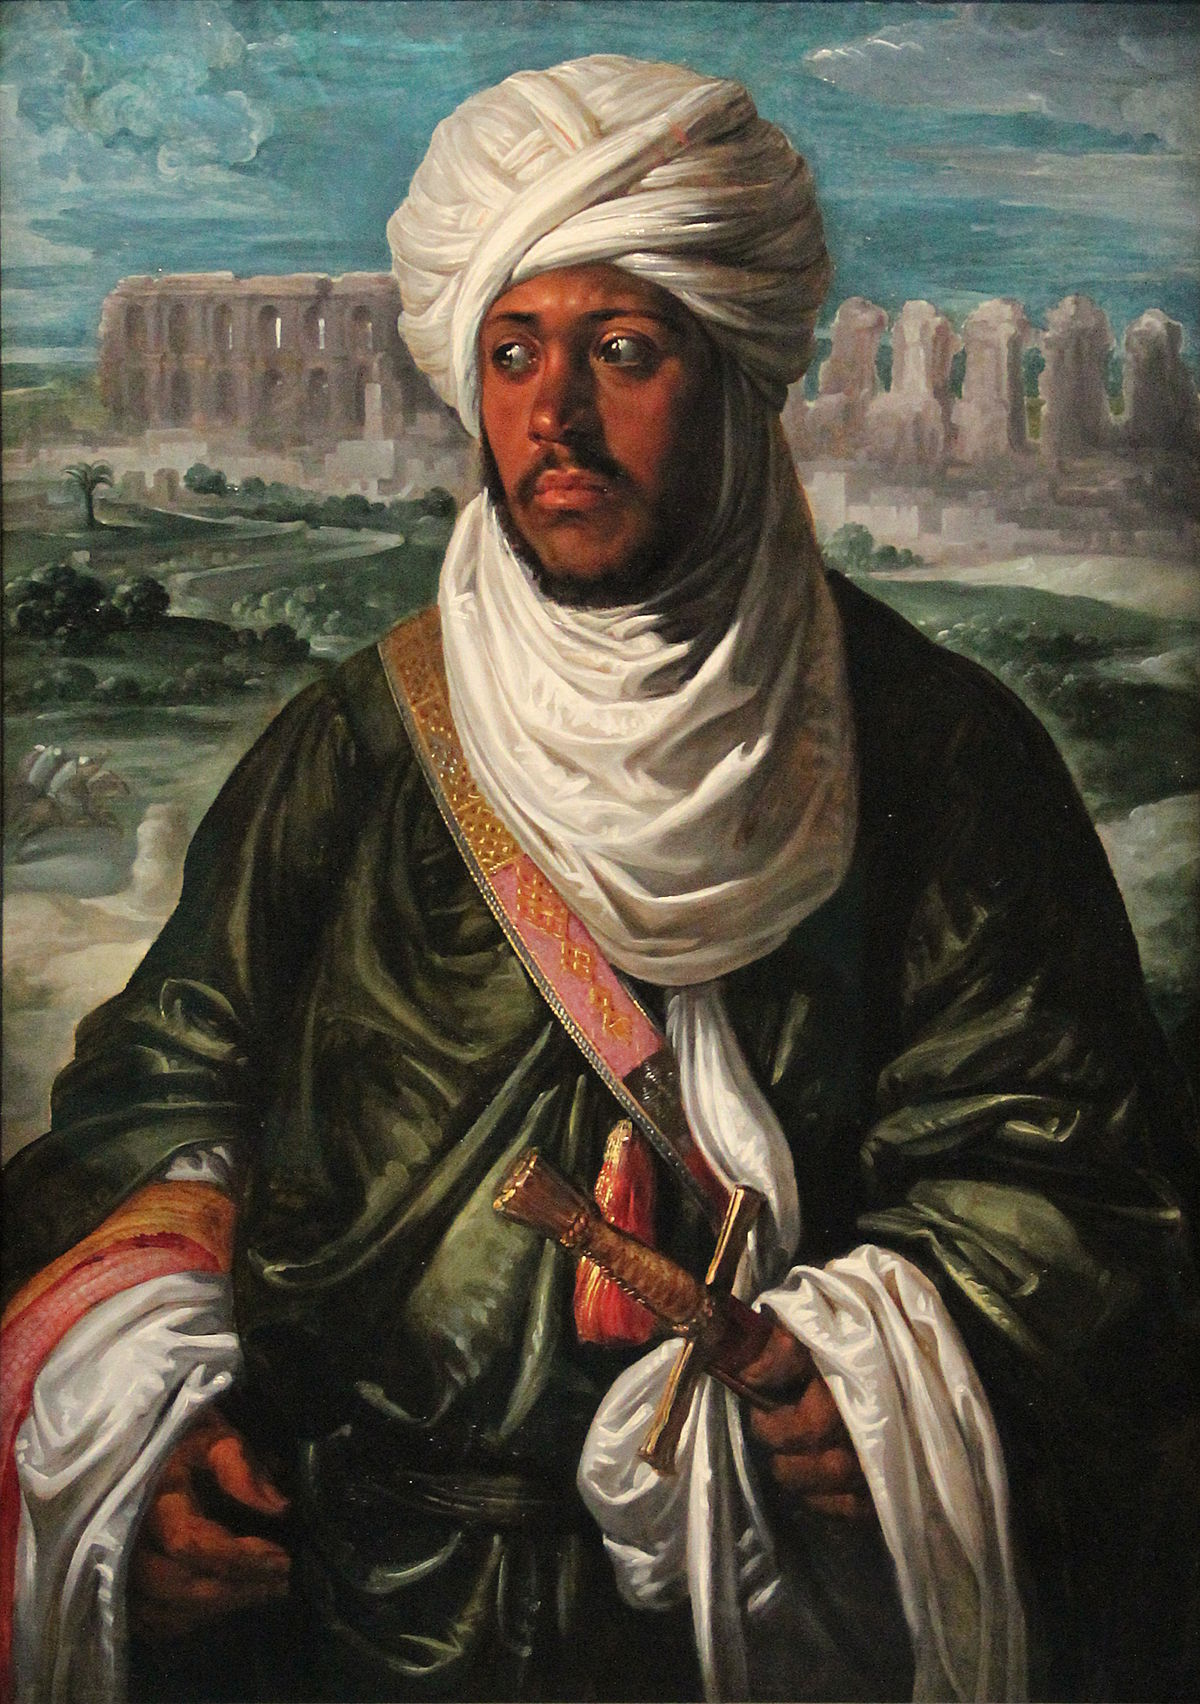 D Art Exhibition Jbr : أبو العباس أحمد ويكيبيديا، الموسوعة الحرة